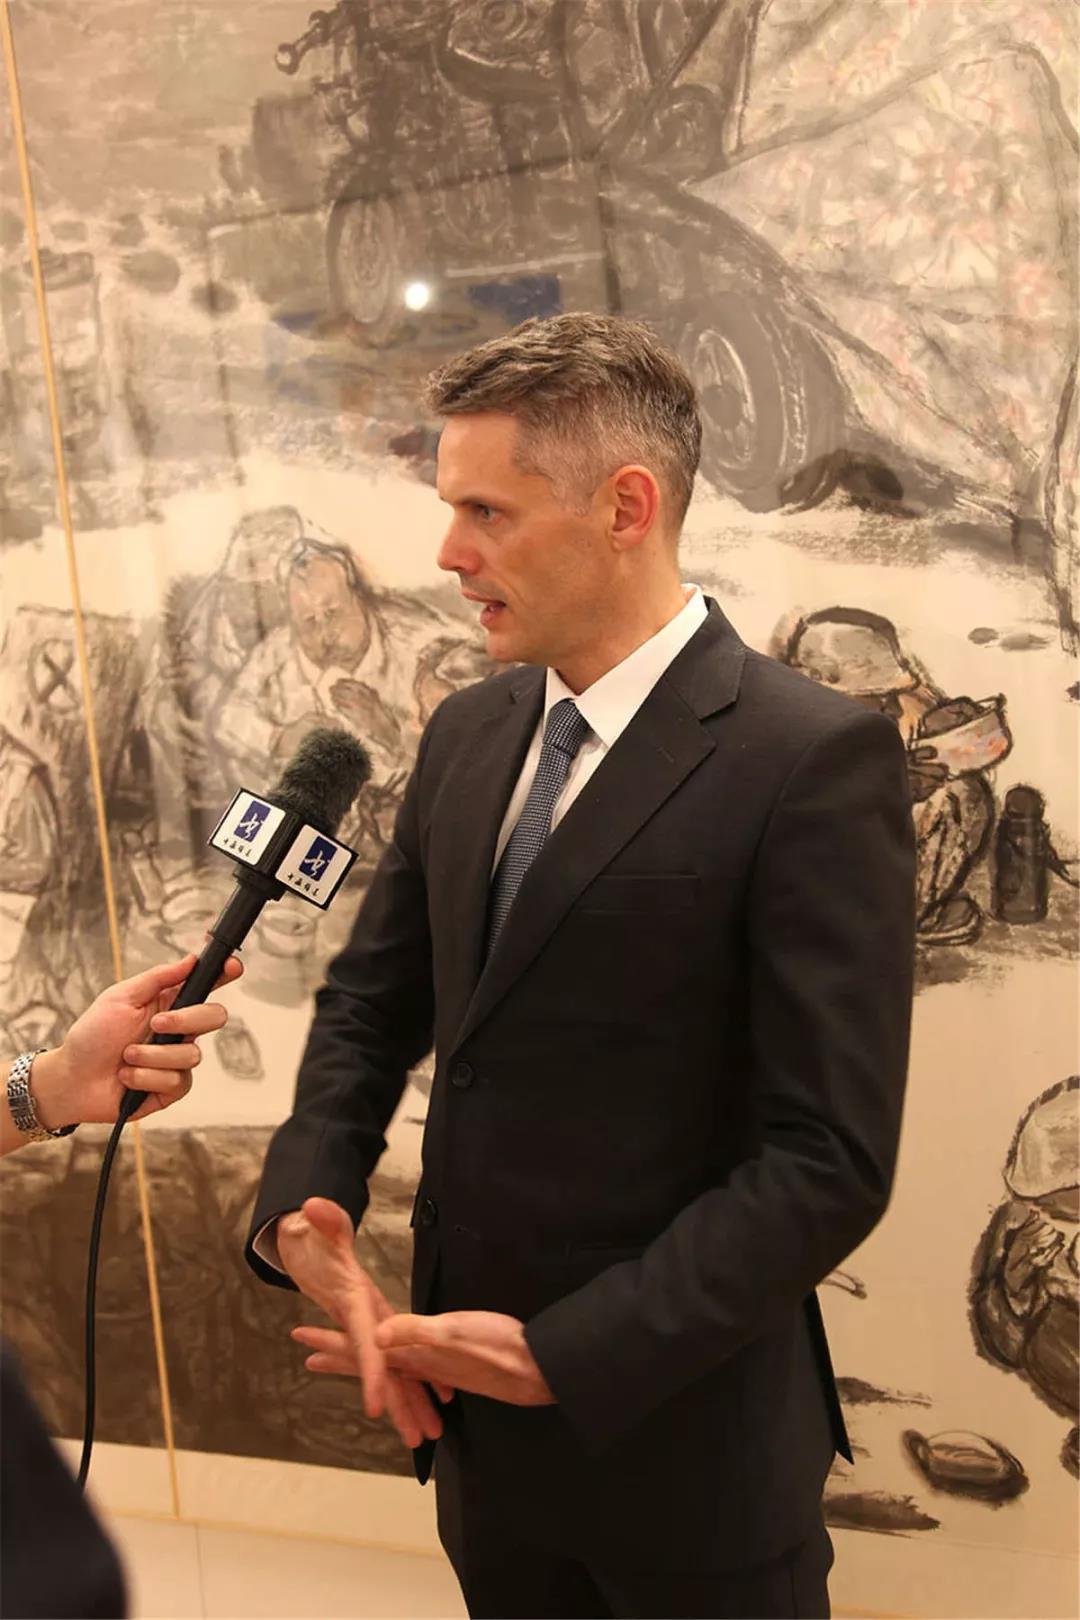 拉脱维亚驻华使馆商务参赞英格接受采访